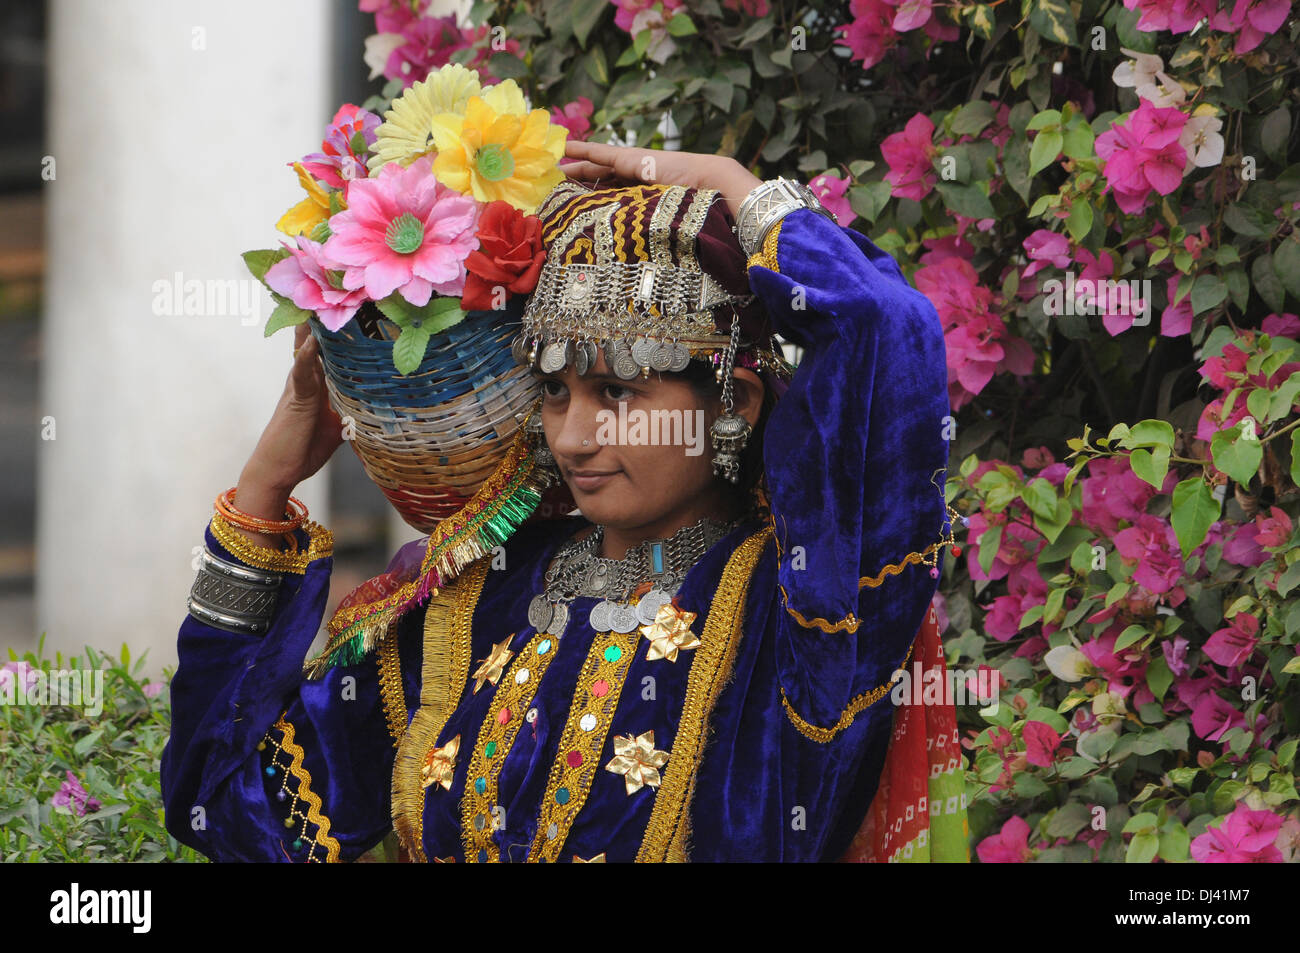 Ragazza adolescente in costume tradizionale, India Immagini Stock